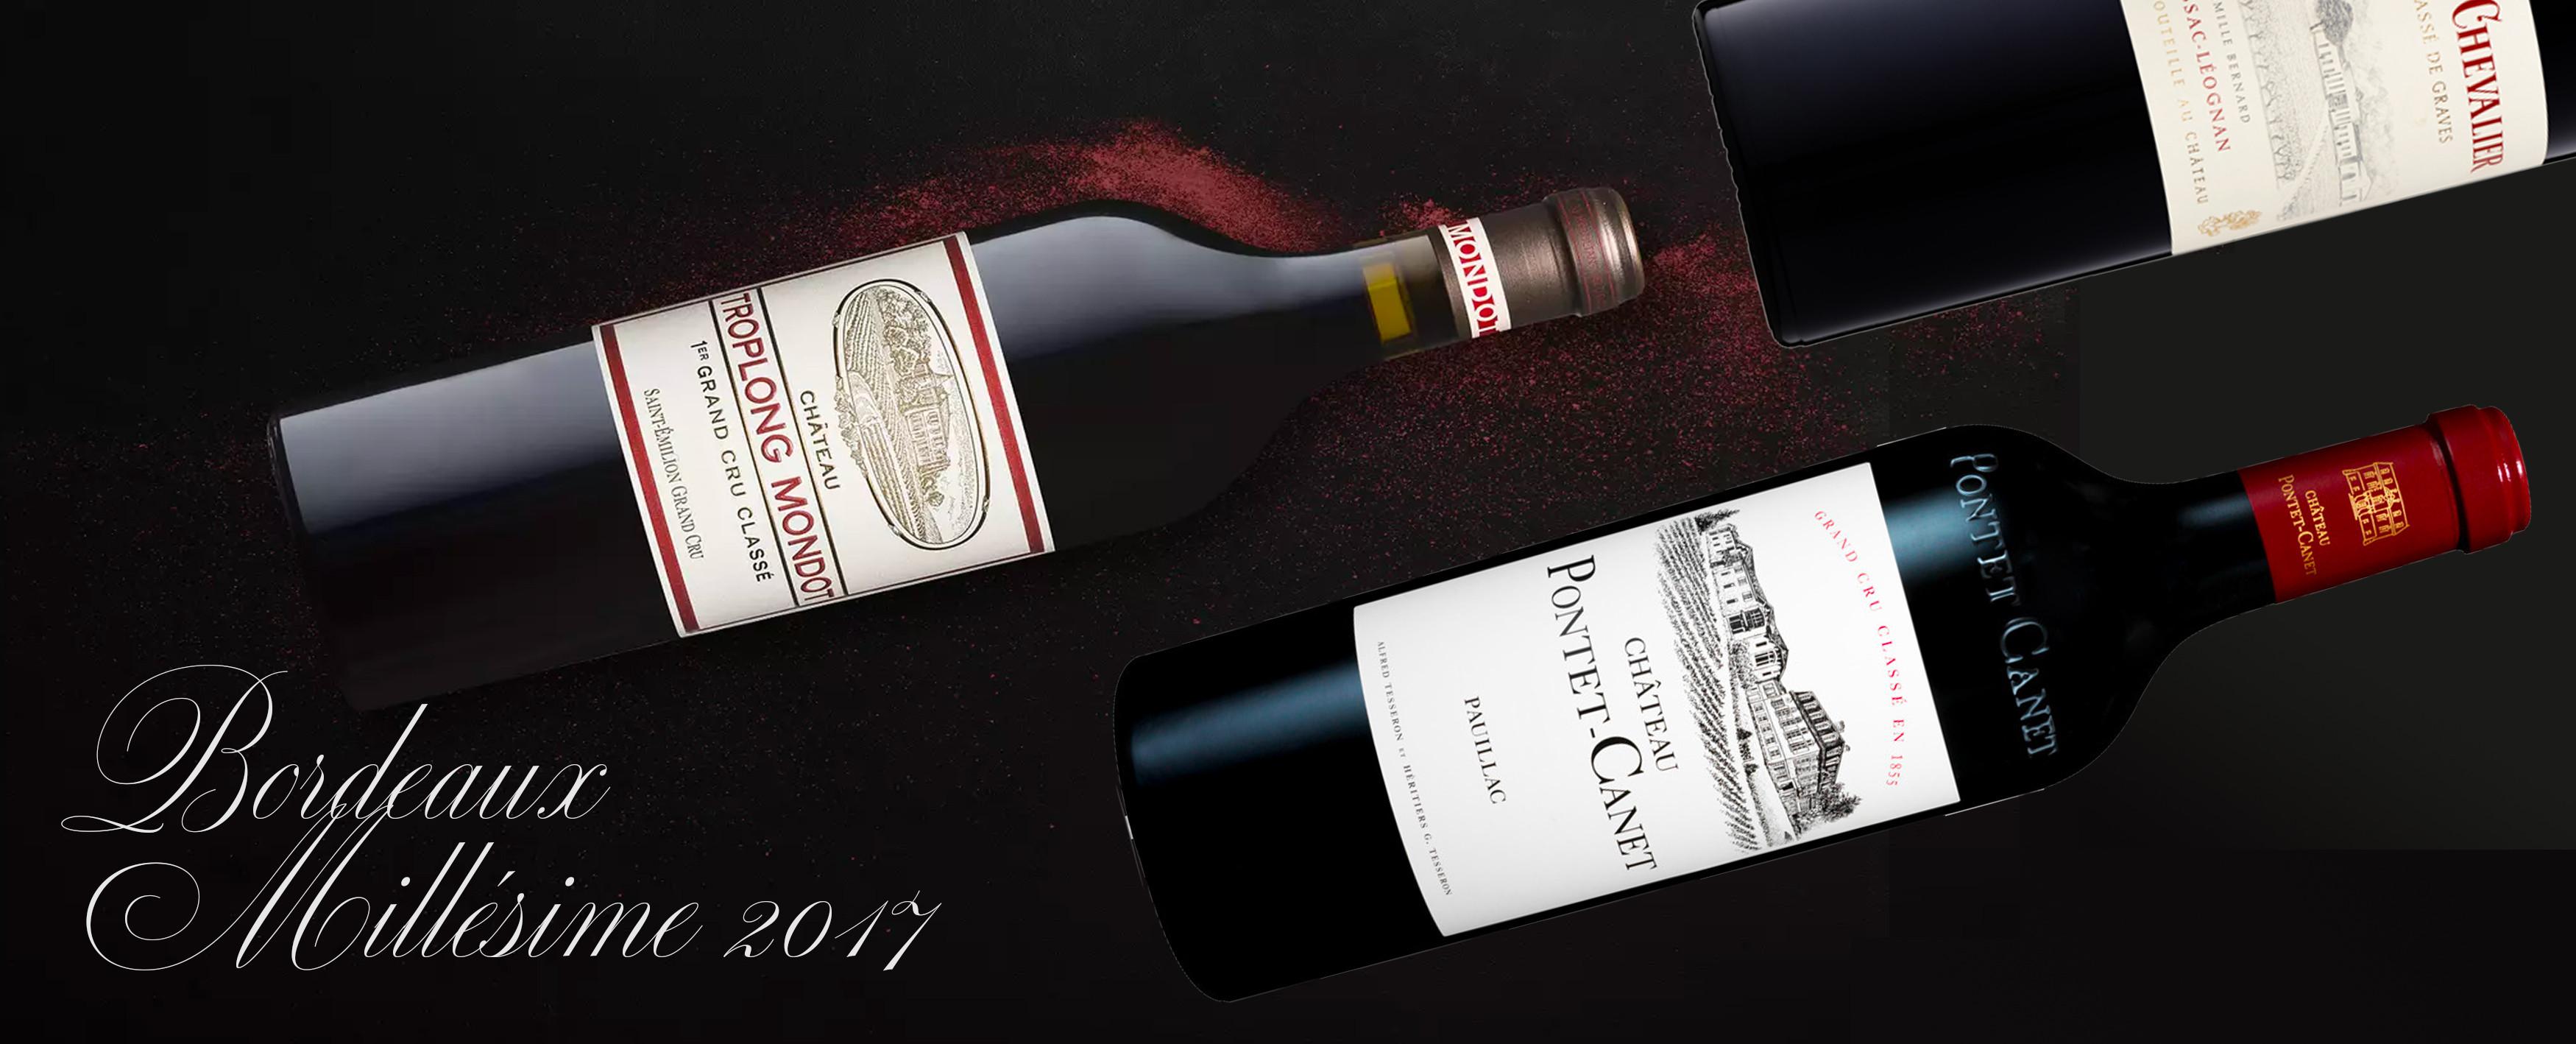 Bordeaux Vintage 2017